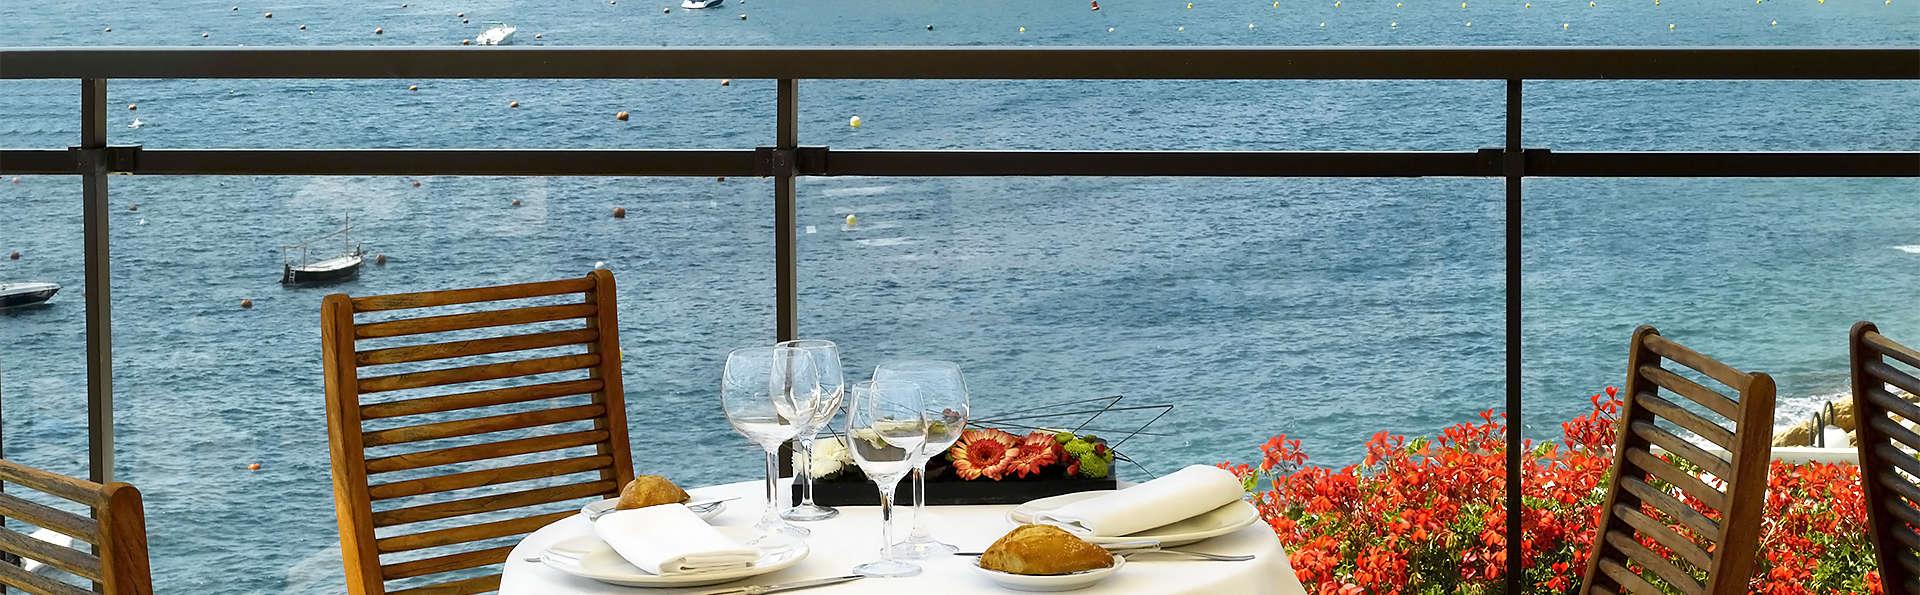 Escapada en pensión completa con vistas al Mediterráneo en la Costa Brava